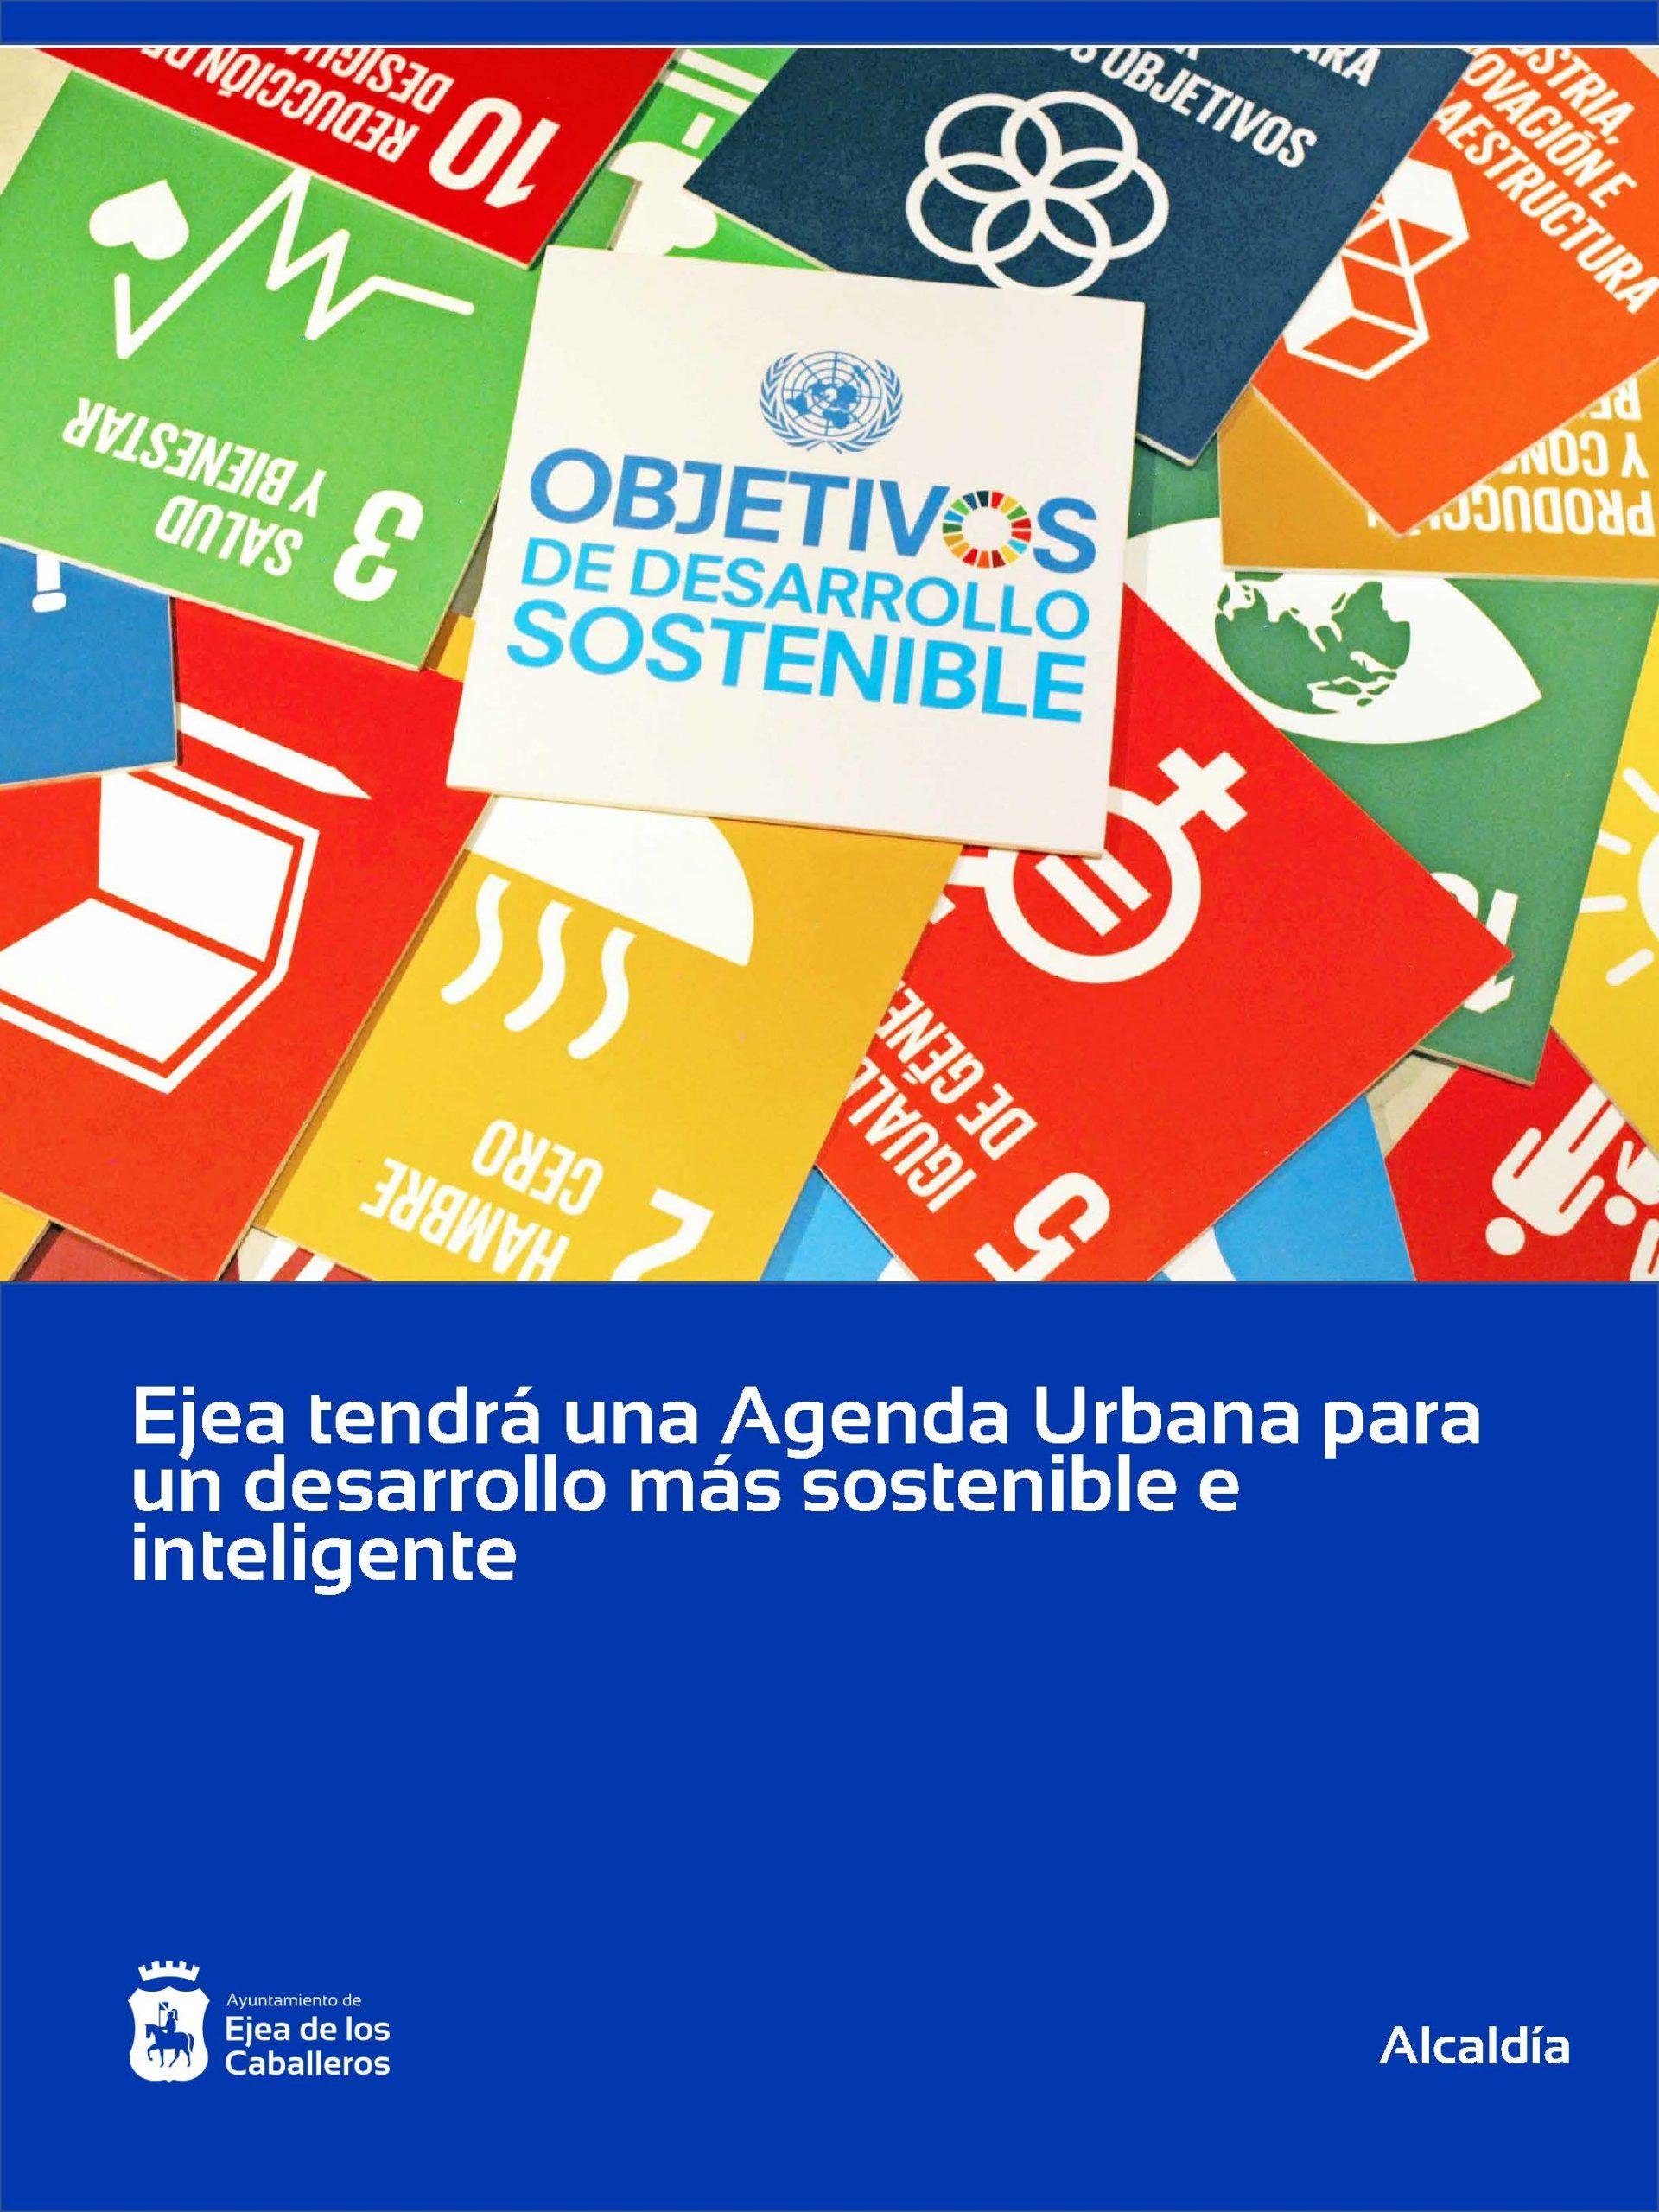 Ejea de los Caballeros tendrá Agenda Urbana para un desarrollo más inteligente y más sostenible